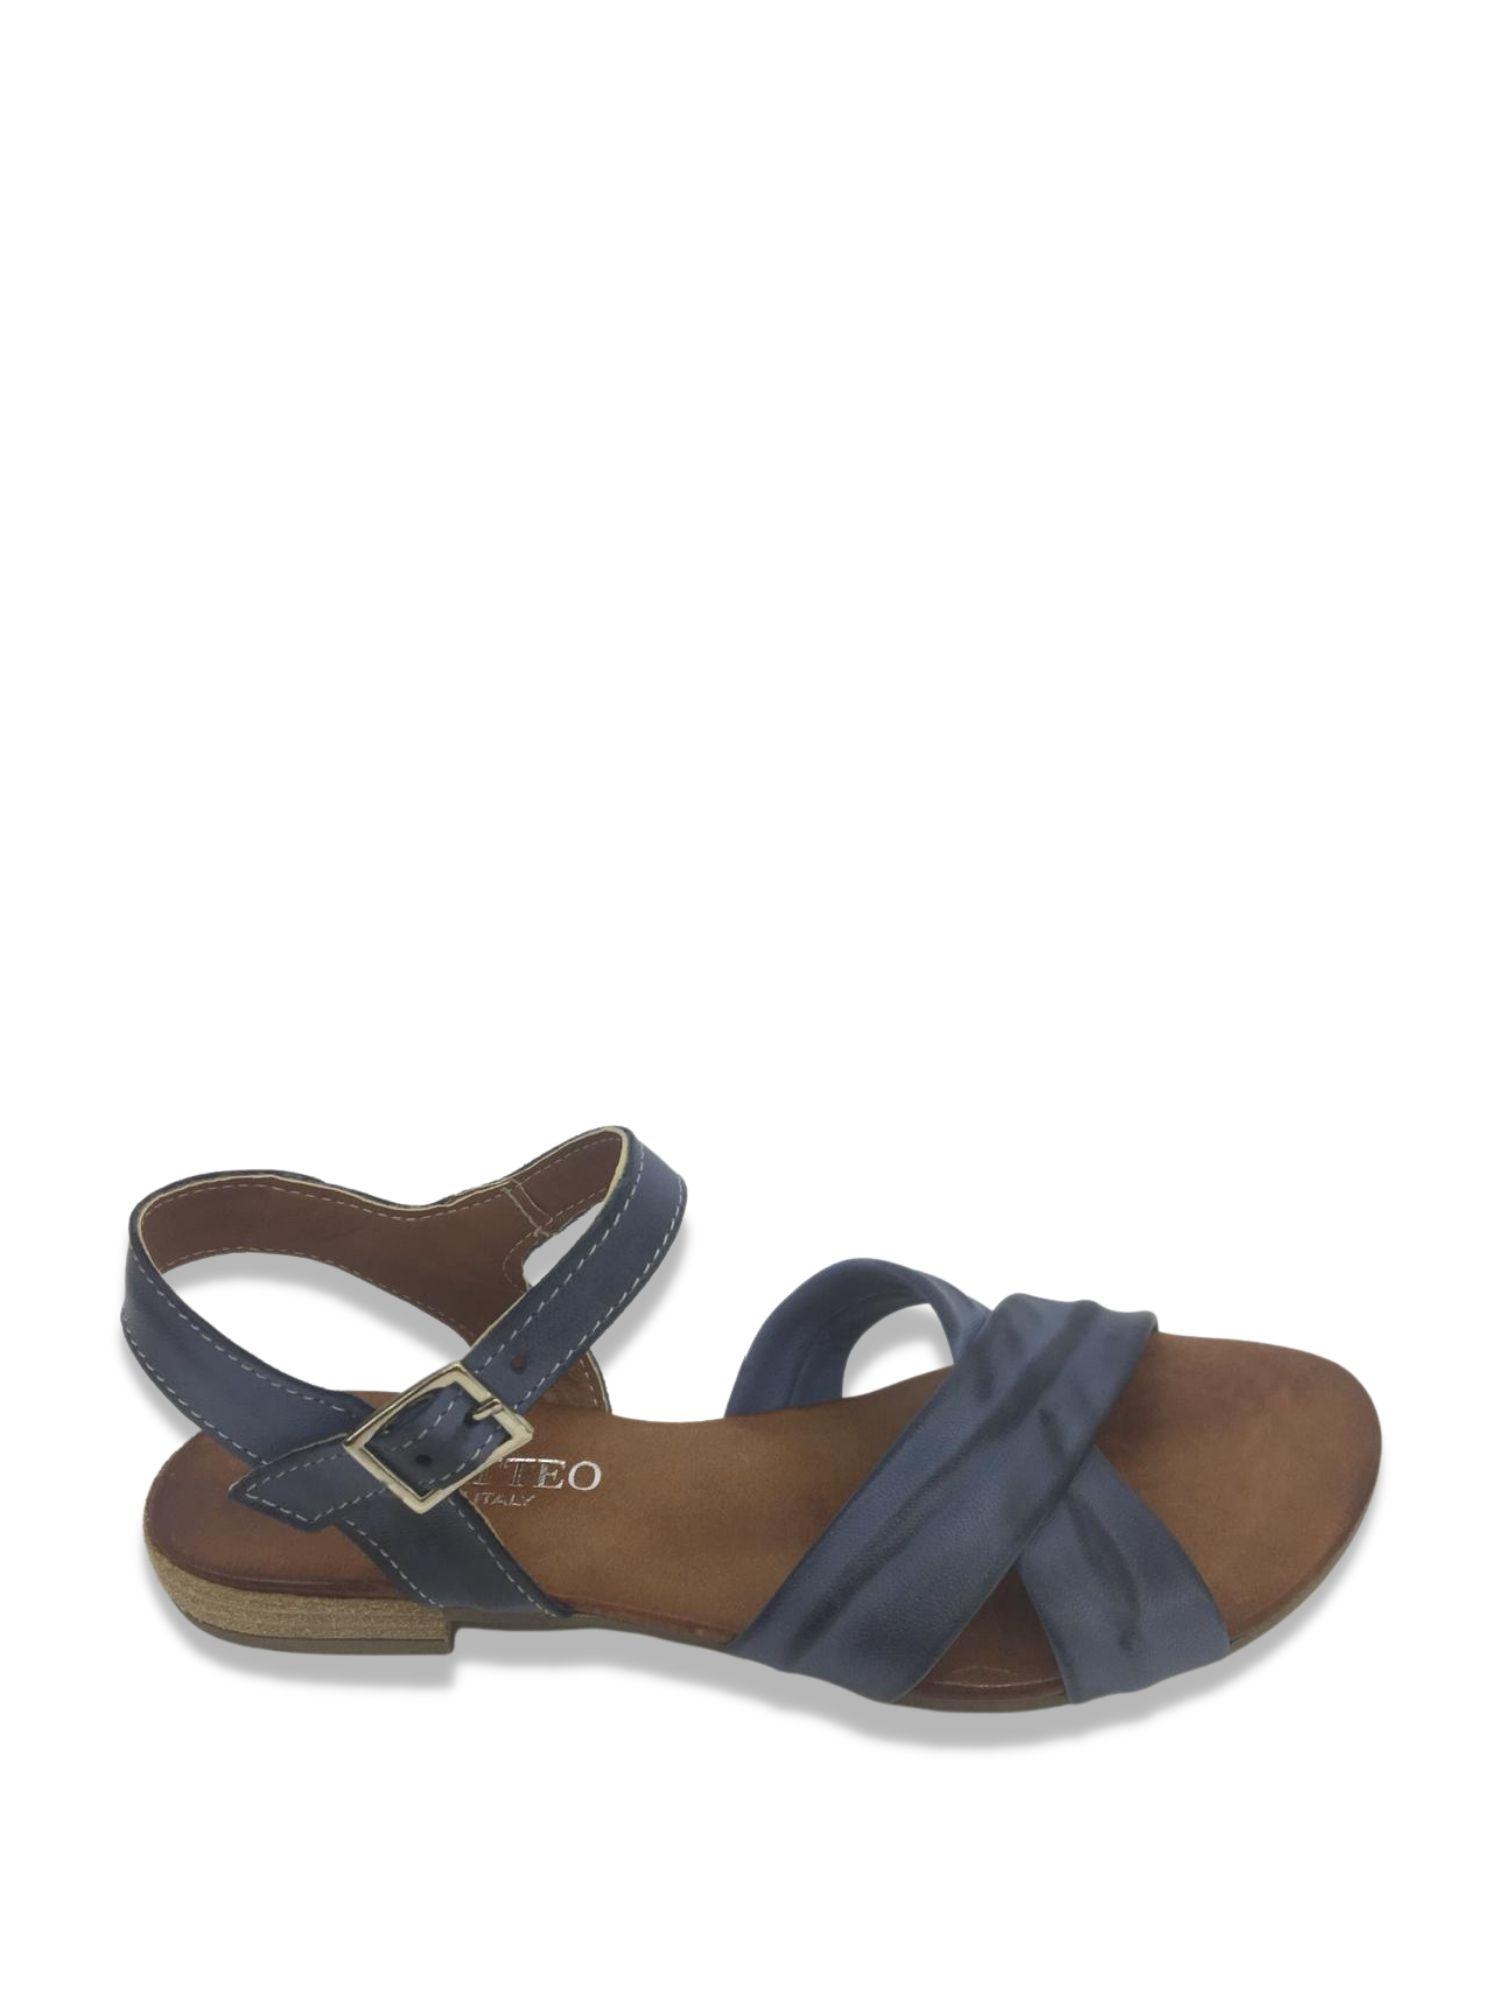 Sandalo Made in Italy 204 Blu